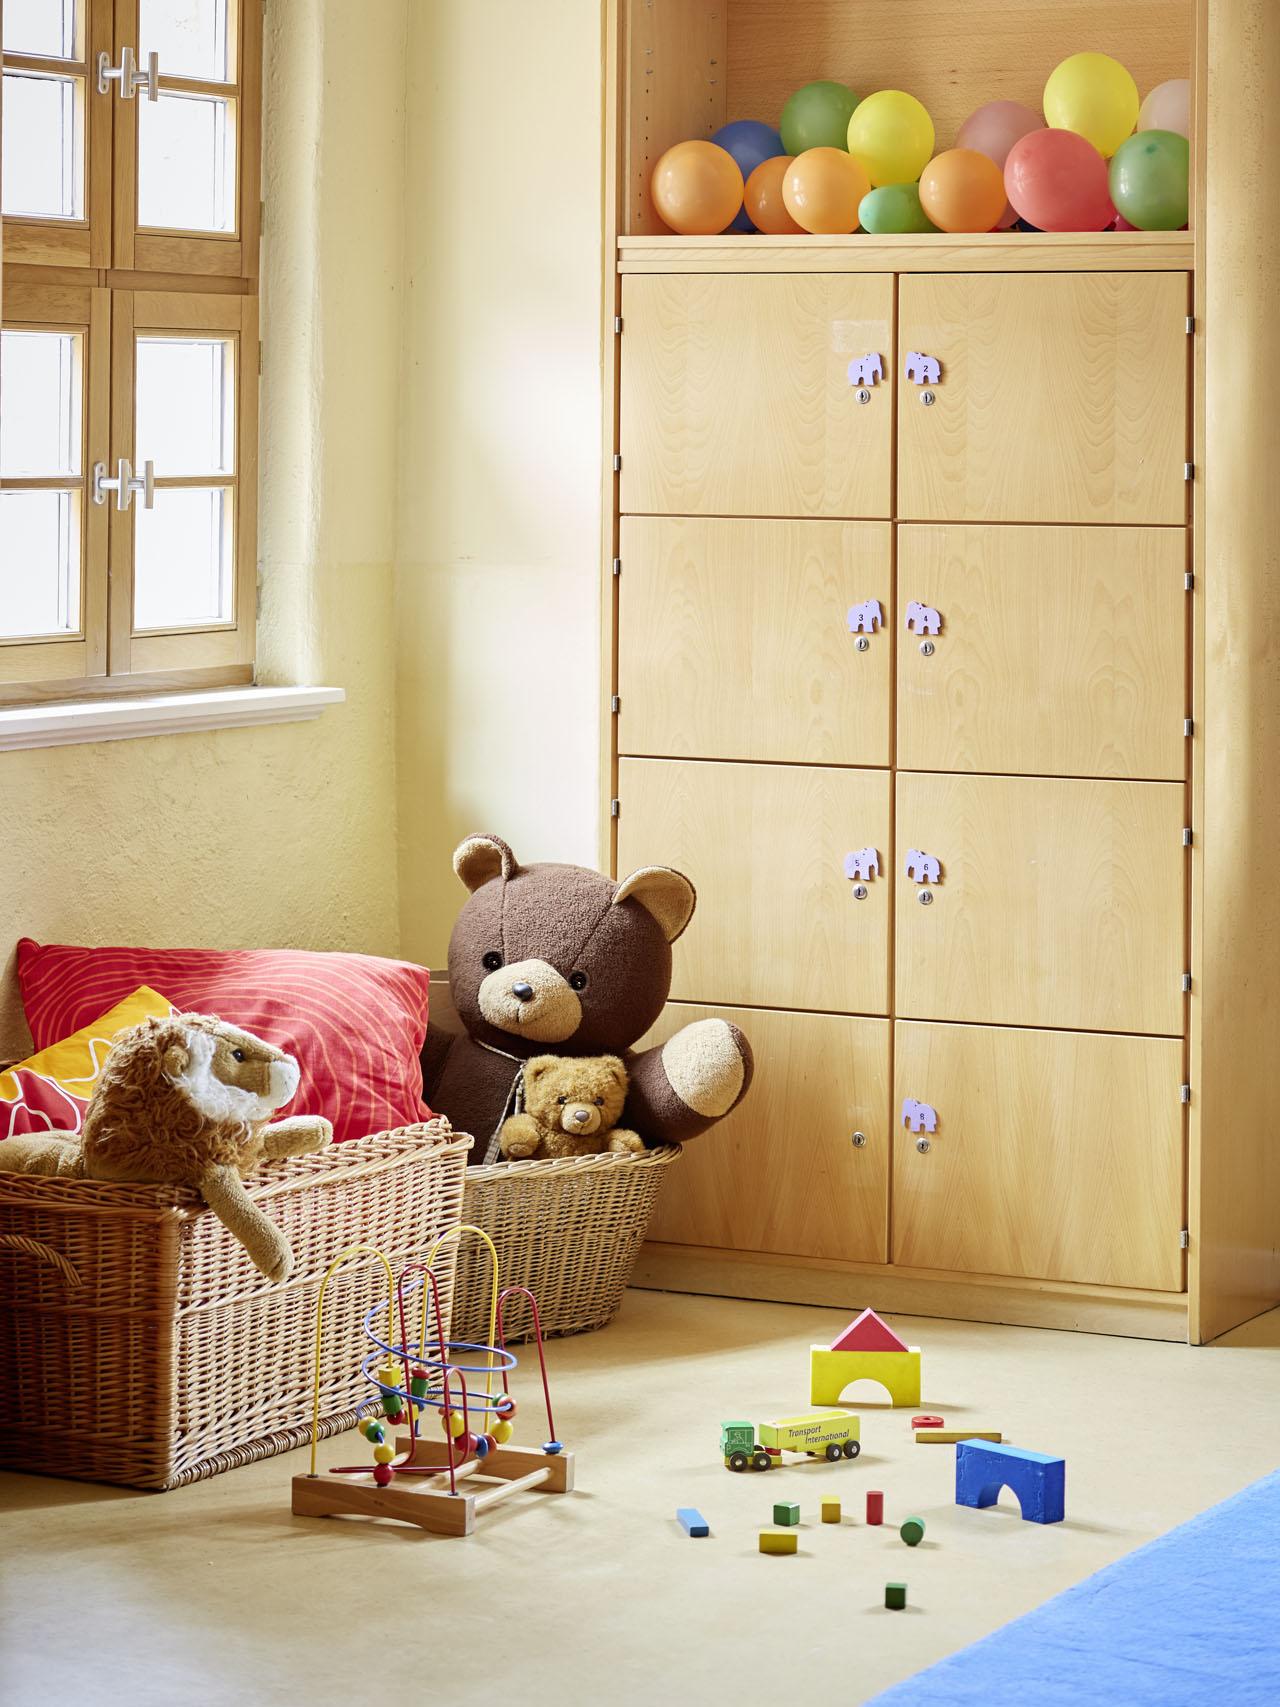 Eltern-Kind-Raum